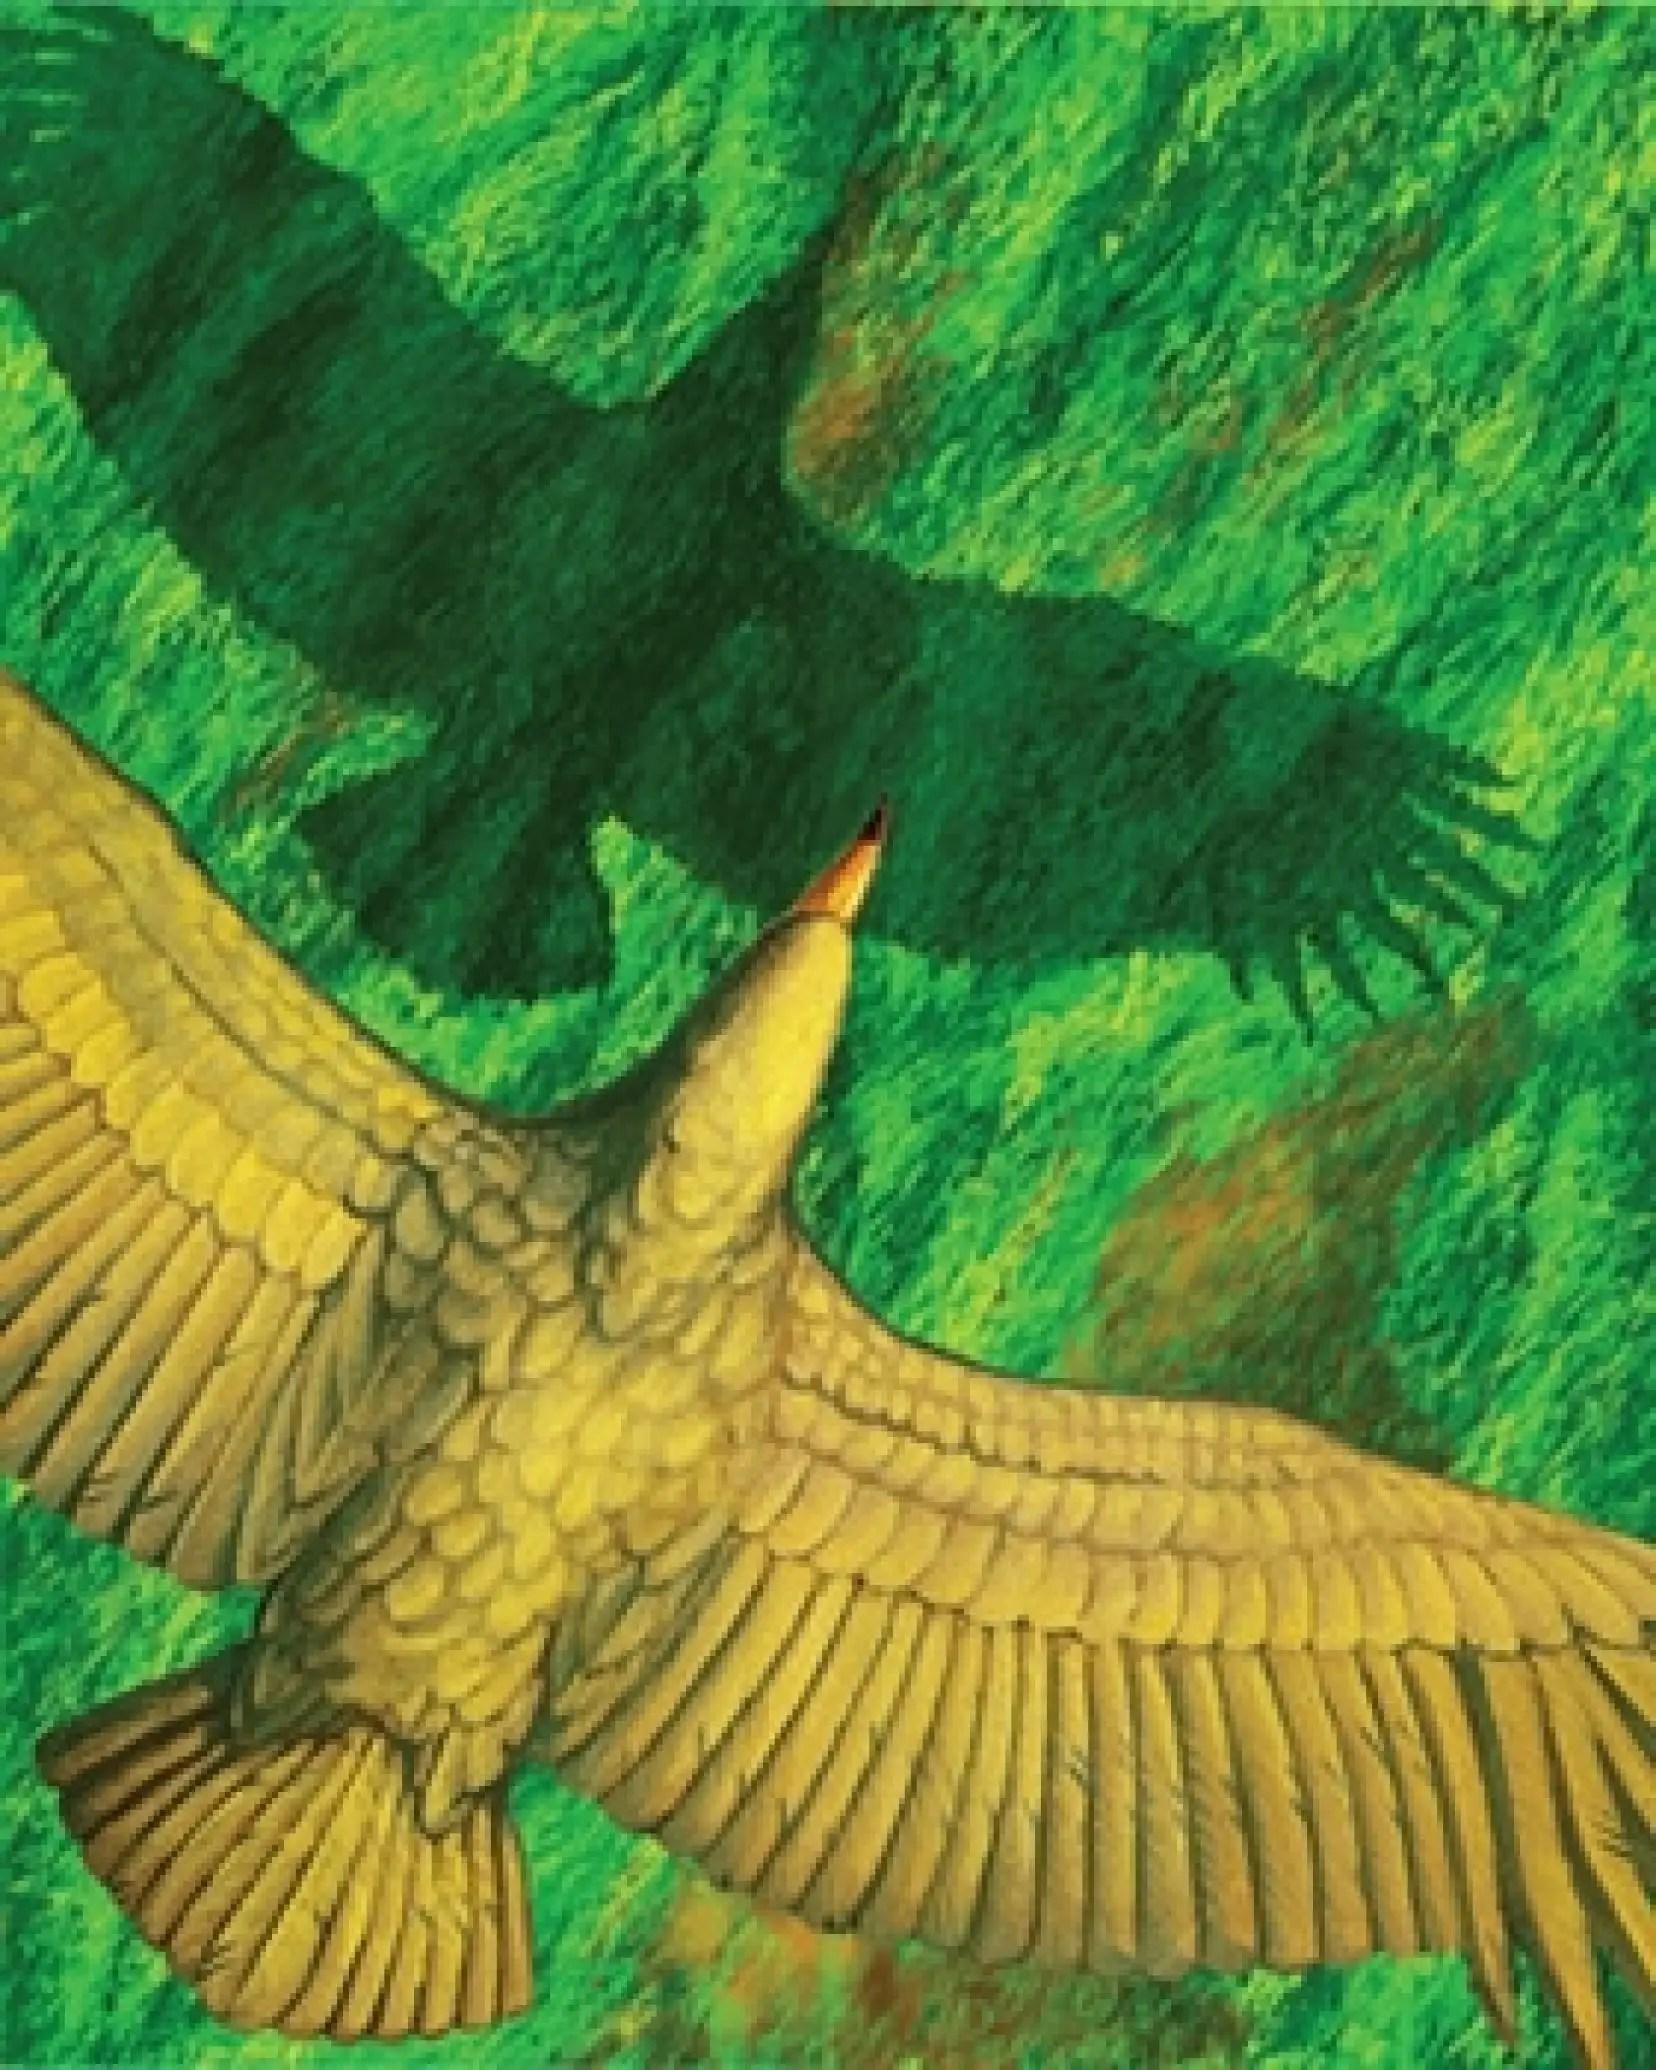 Oiseau Qui Vole Le Plus Haut : oiseau, Argentavis, Magnificens, Oiseau, Temps, Volait, Comme, Planeur, Devoir